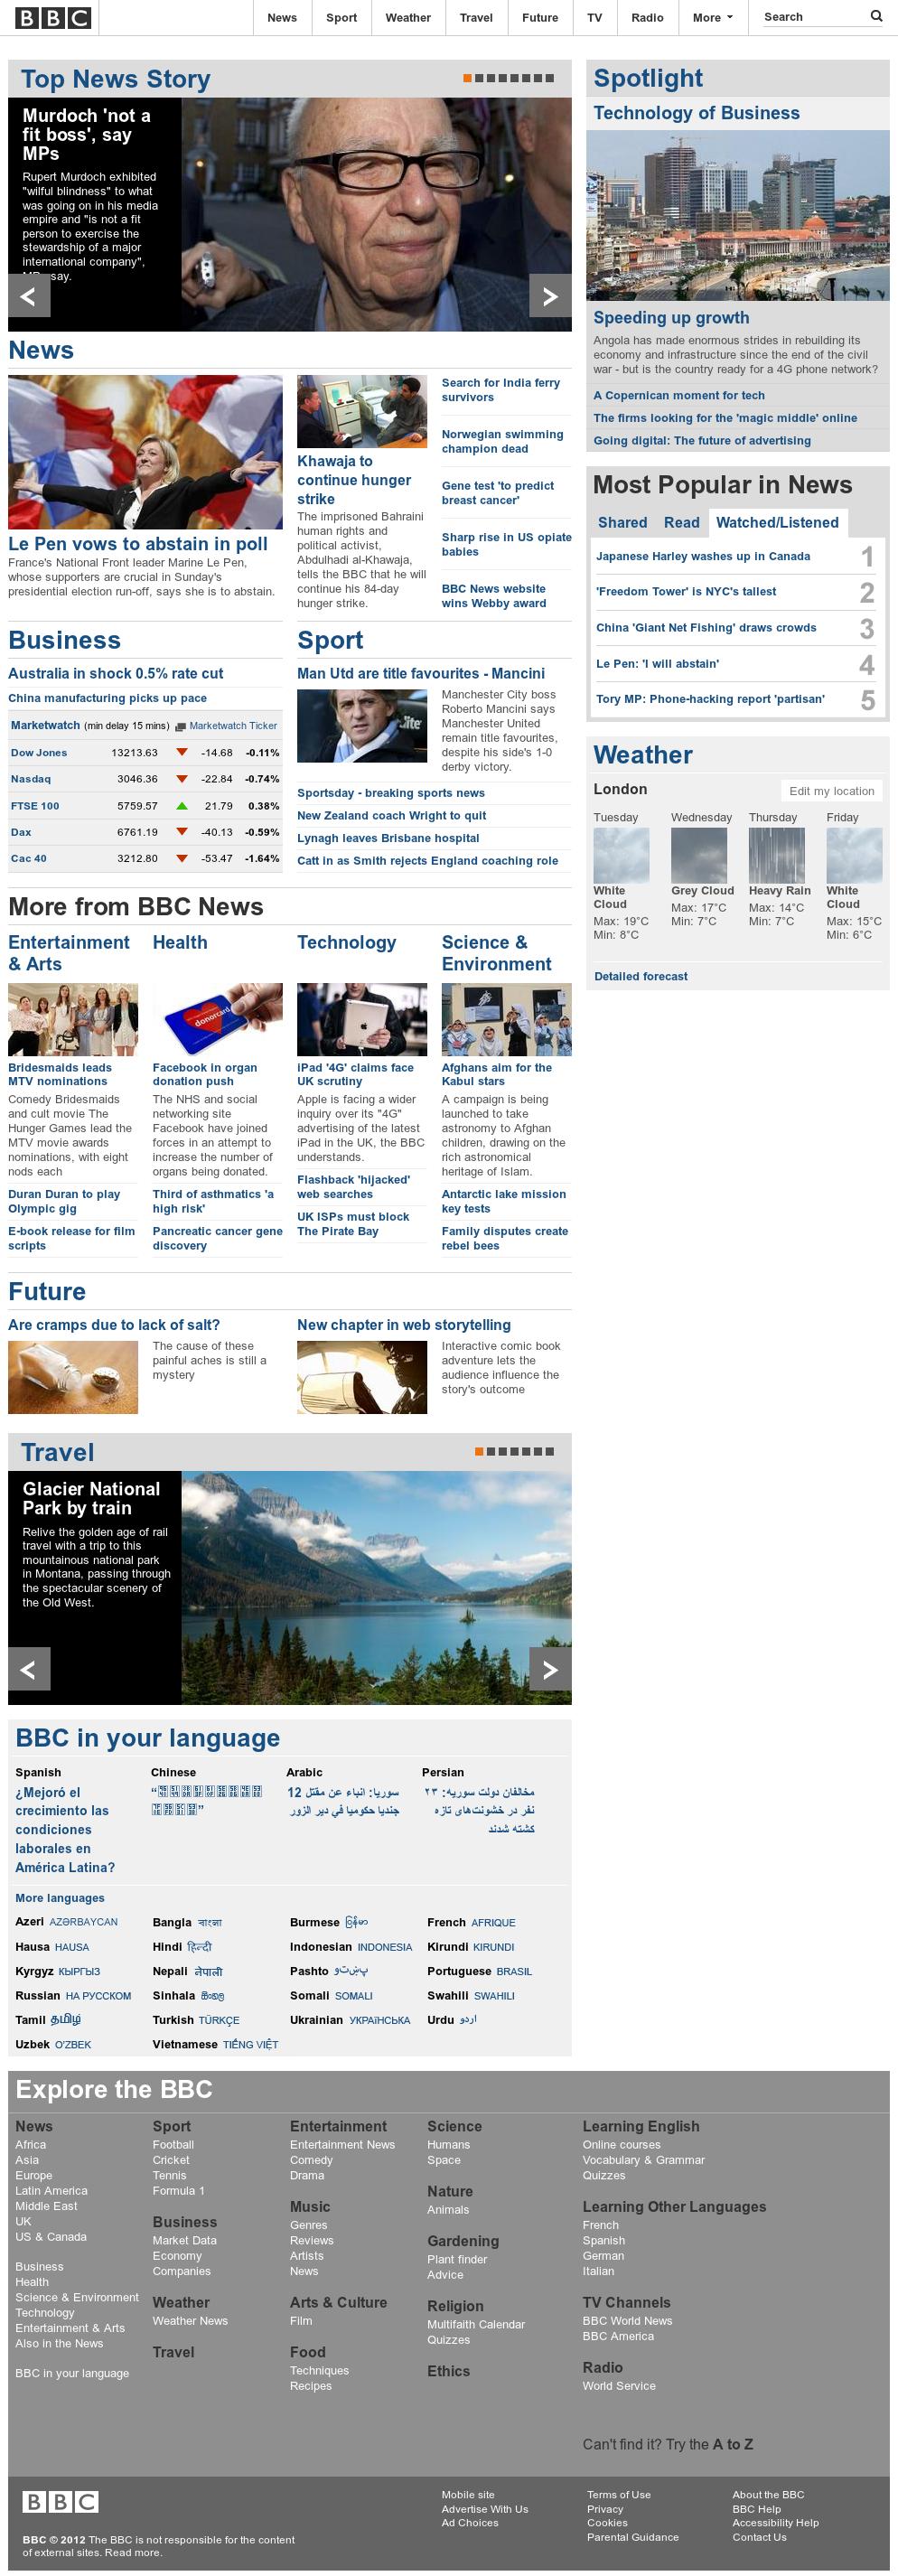 BBC at Tuesday May 1, 2012, 1:01 p.m. UTC